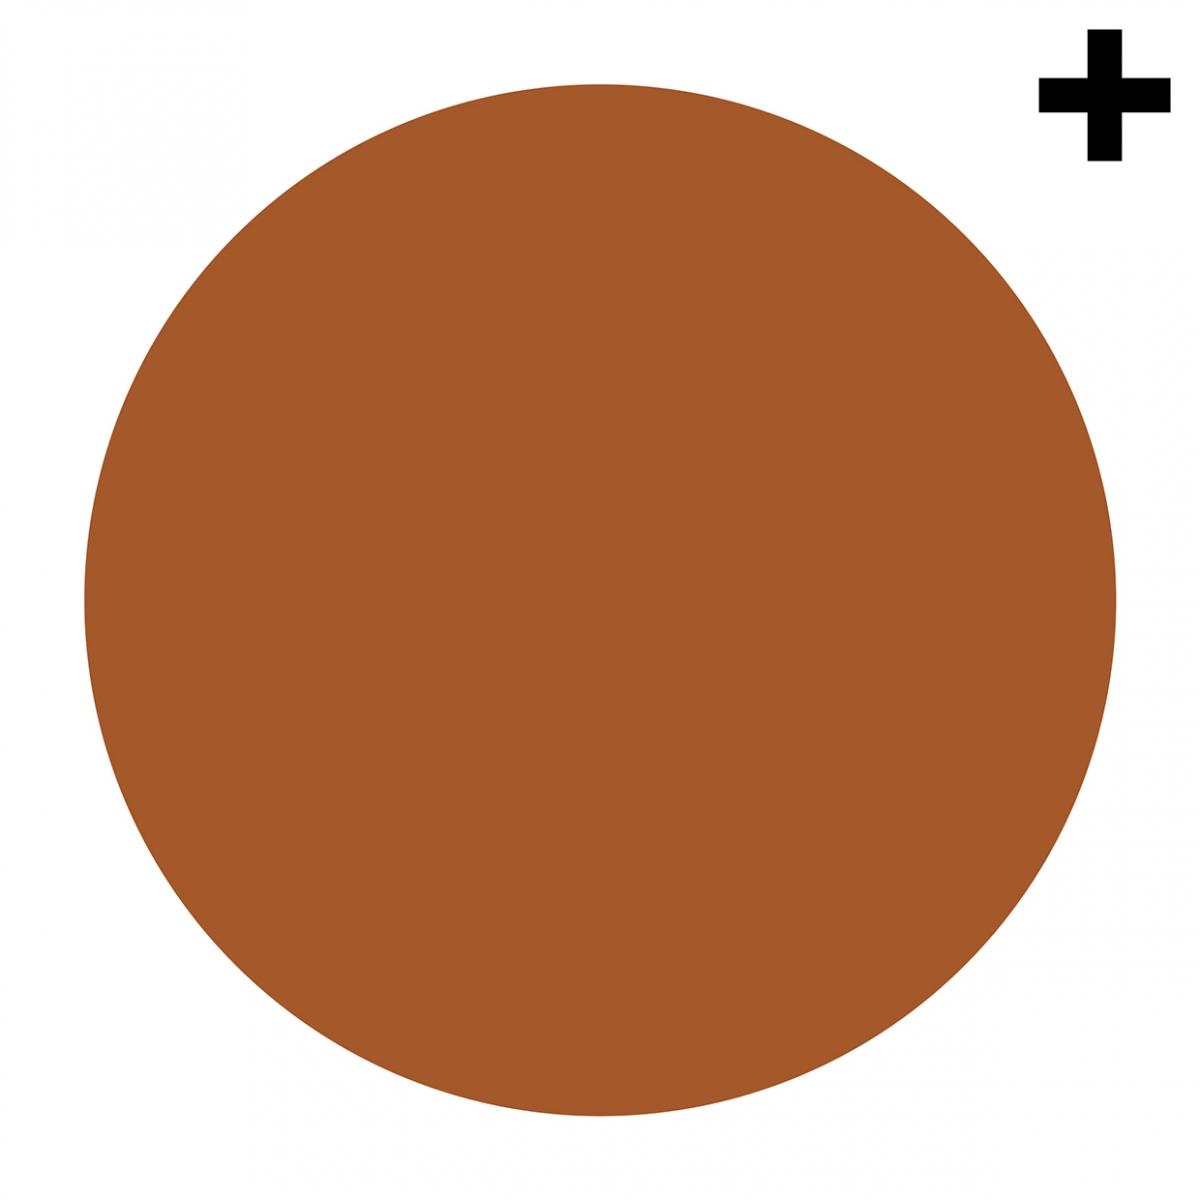 Imagen en la que se ve un círculo de color marrón